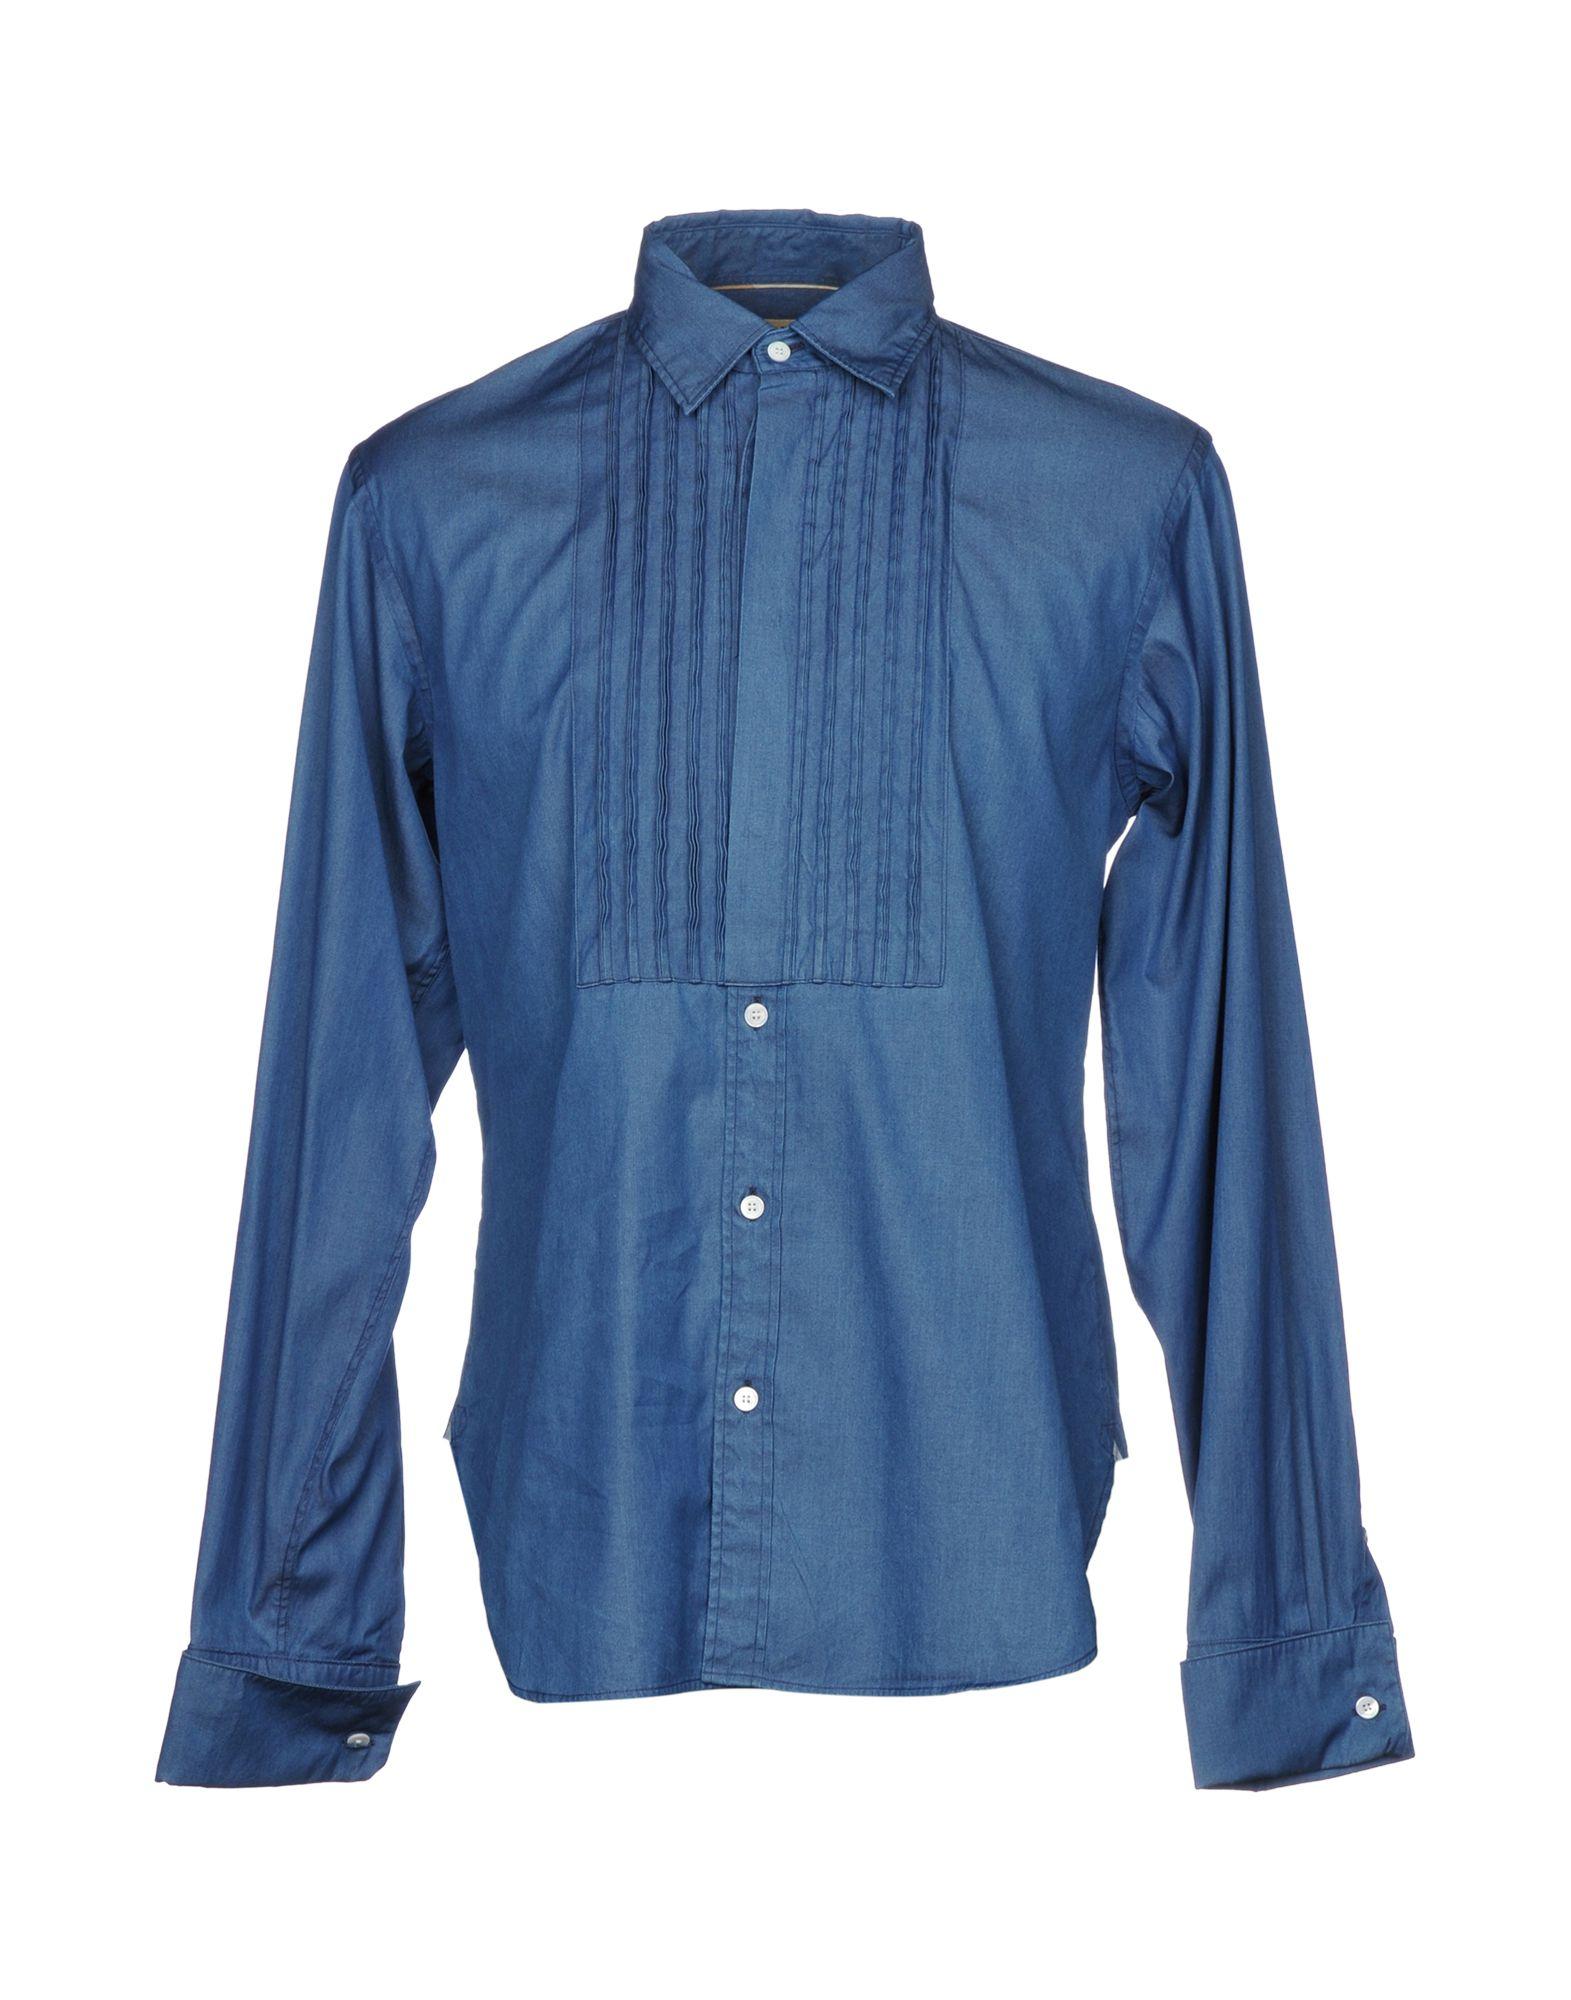 цена BURBERRY Джинсовая рубашка онлайн в 2017 году